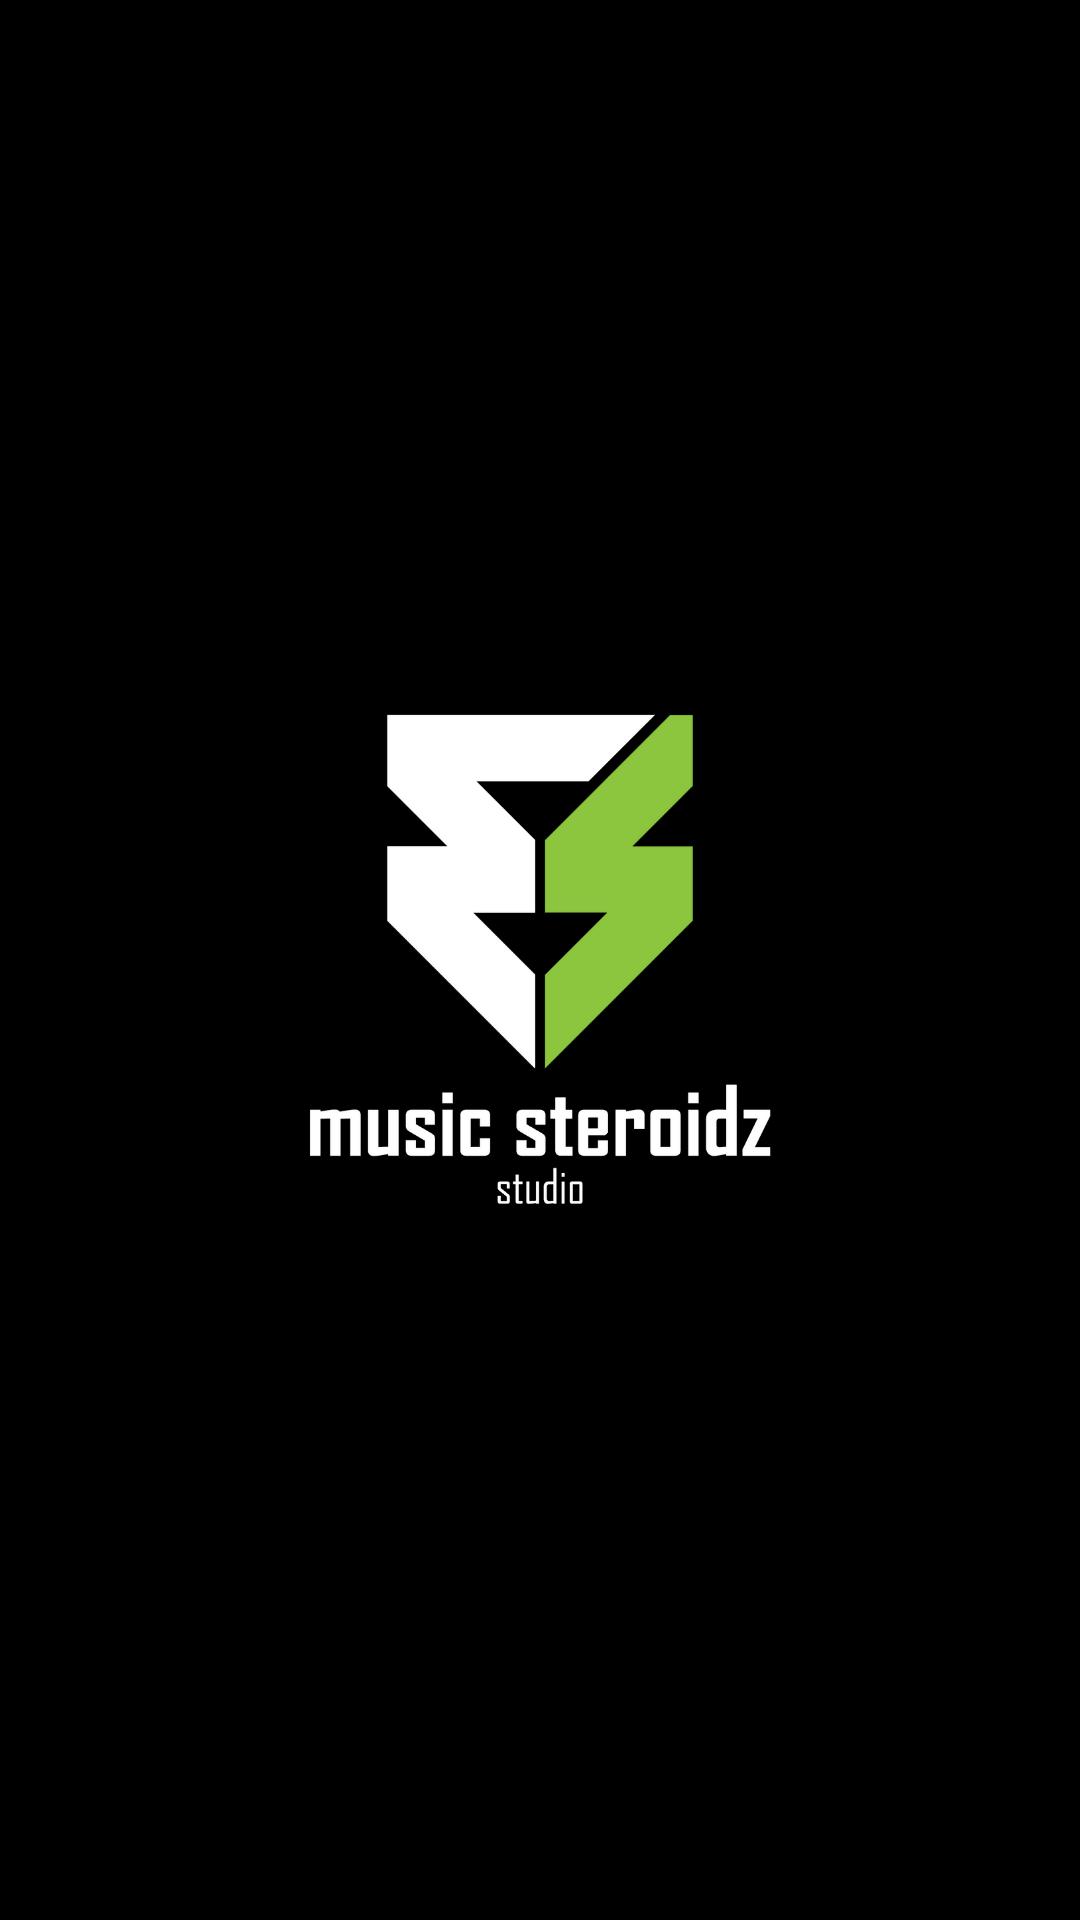 Music Steroidz